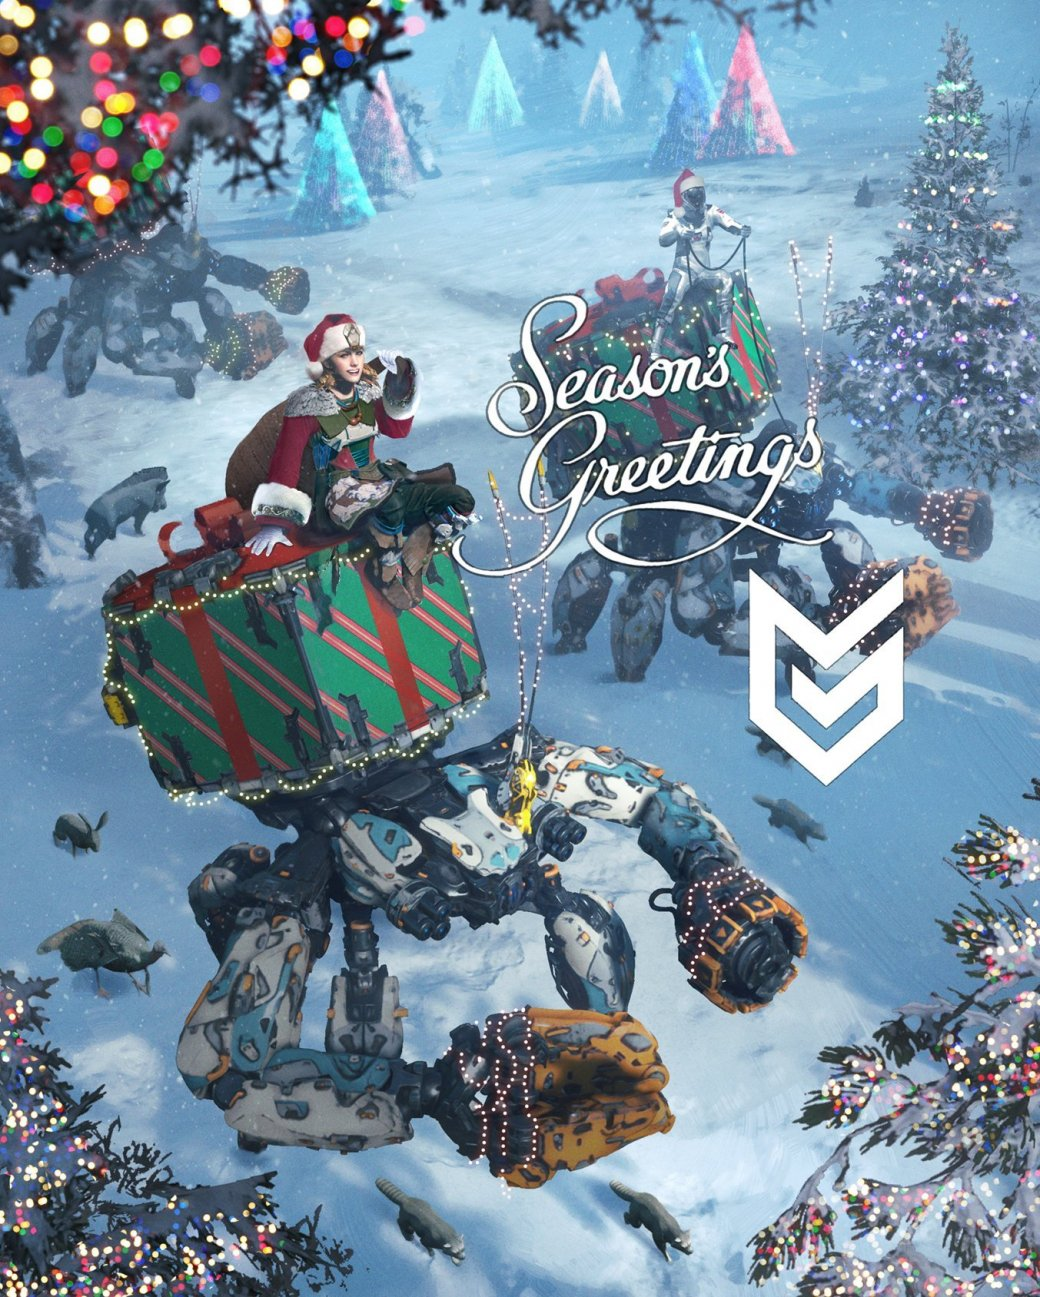 С праздниками! Разработчики поздравляют с Новым годом и Рождеством | Канобу - Изображение 2